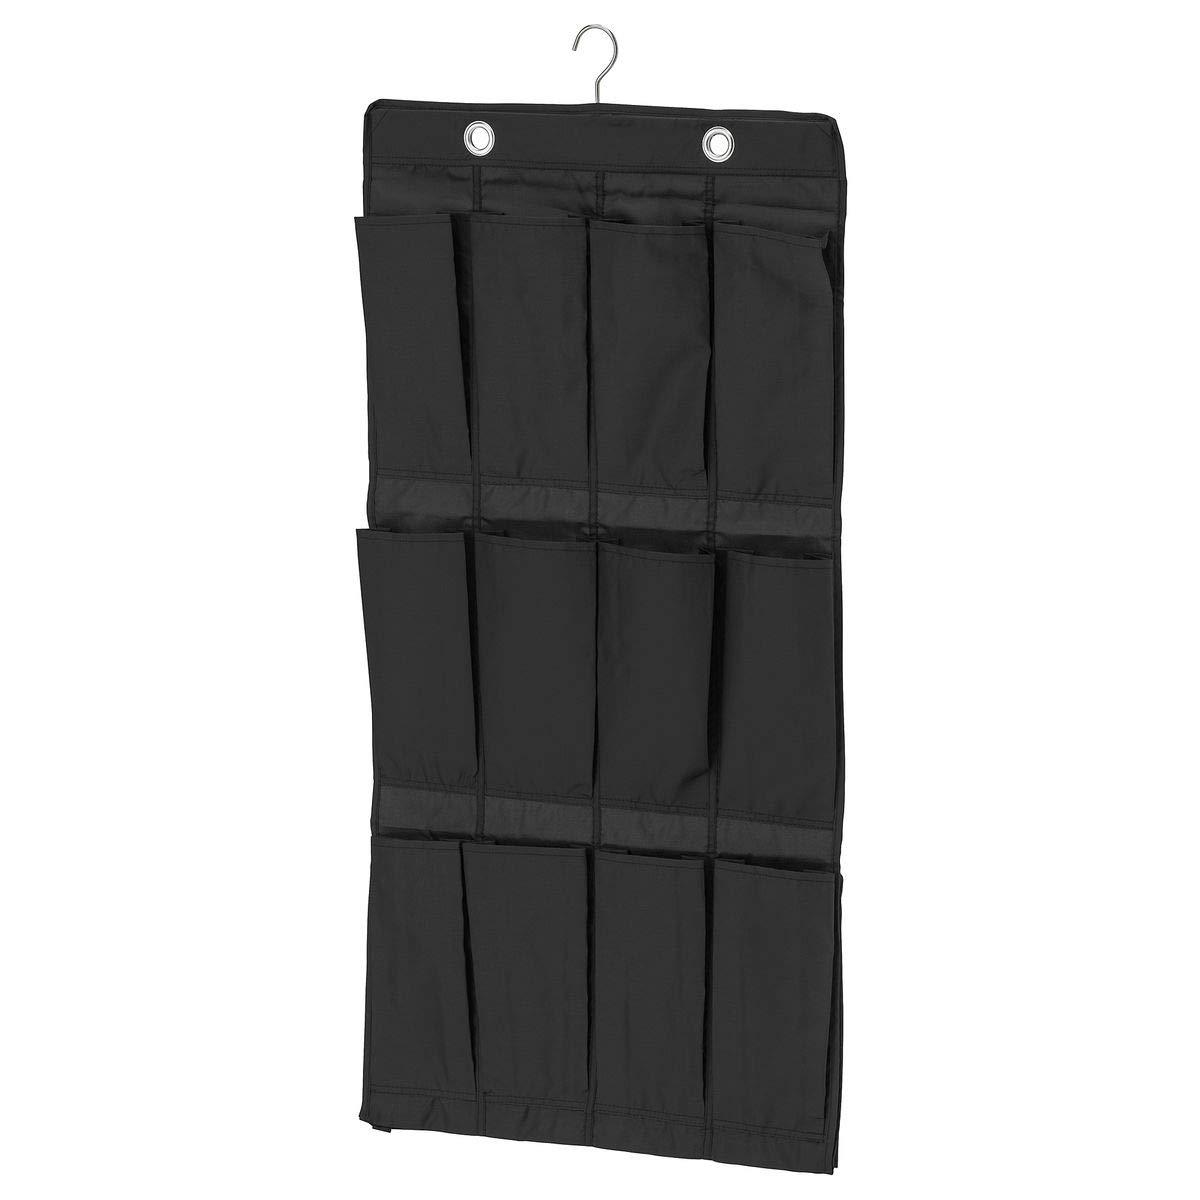 IKEA SKUBB - Colgante organizador de zapatos w 16 bolsillos, negro - 21x29x15 cm: Amazon.es: Industria, empresas y ciencia